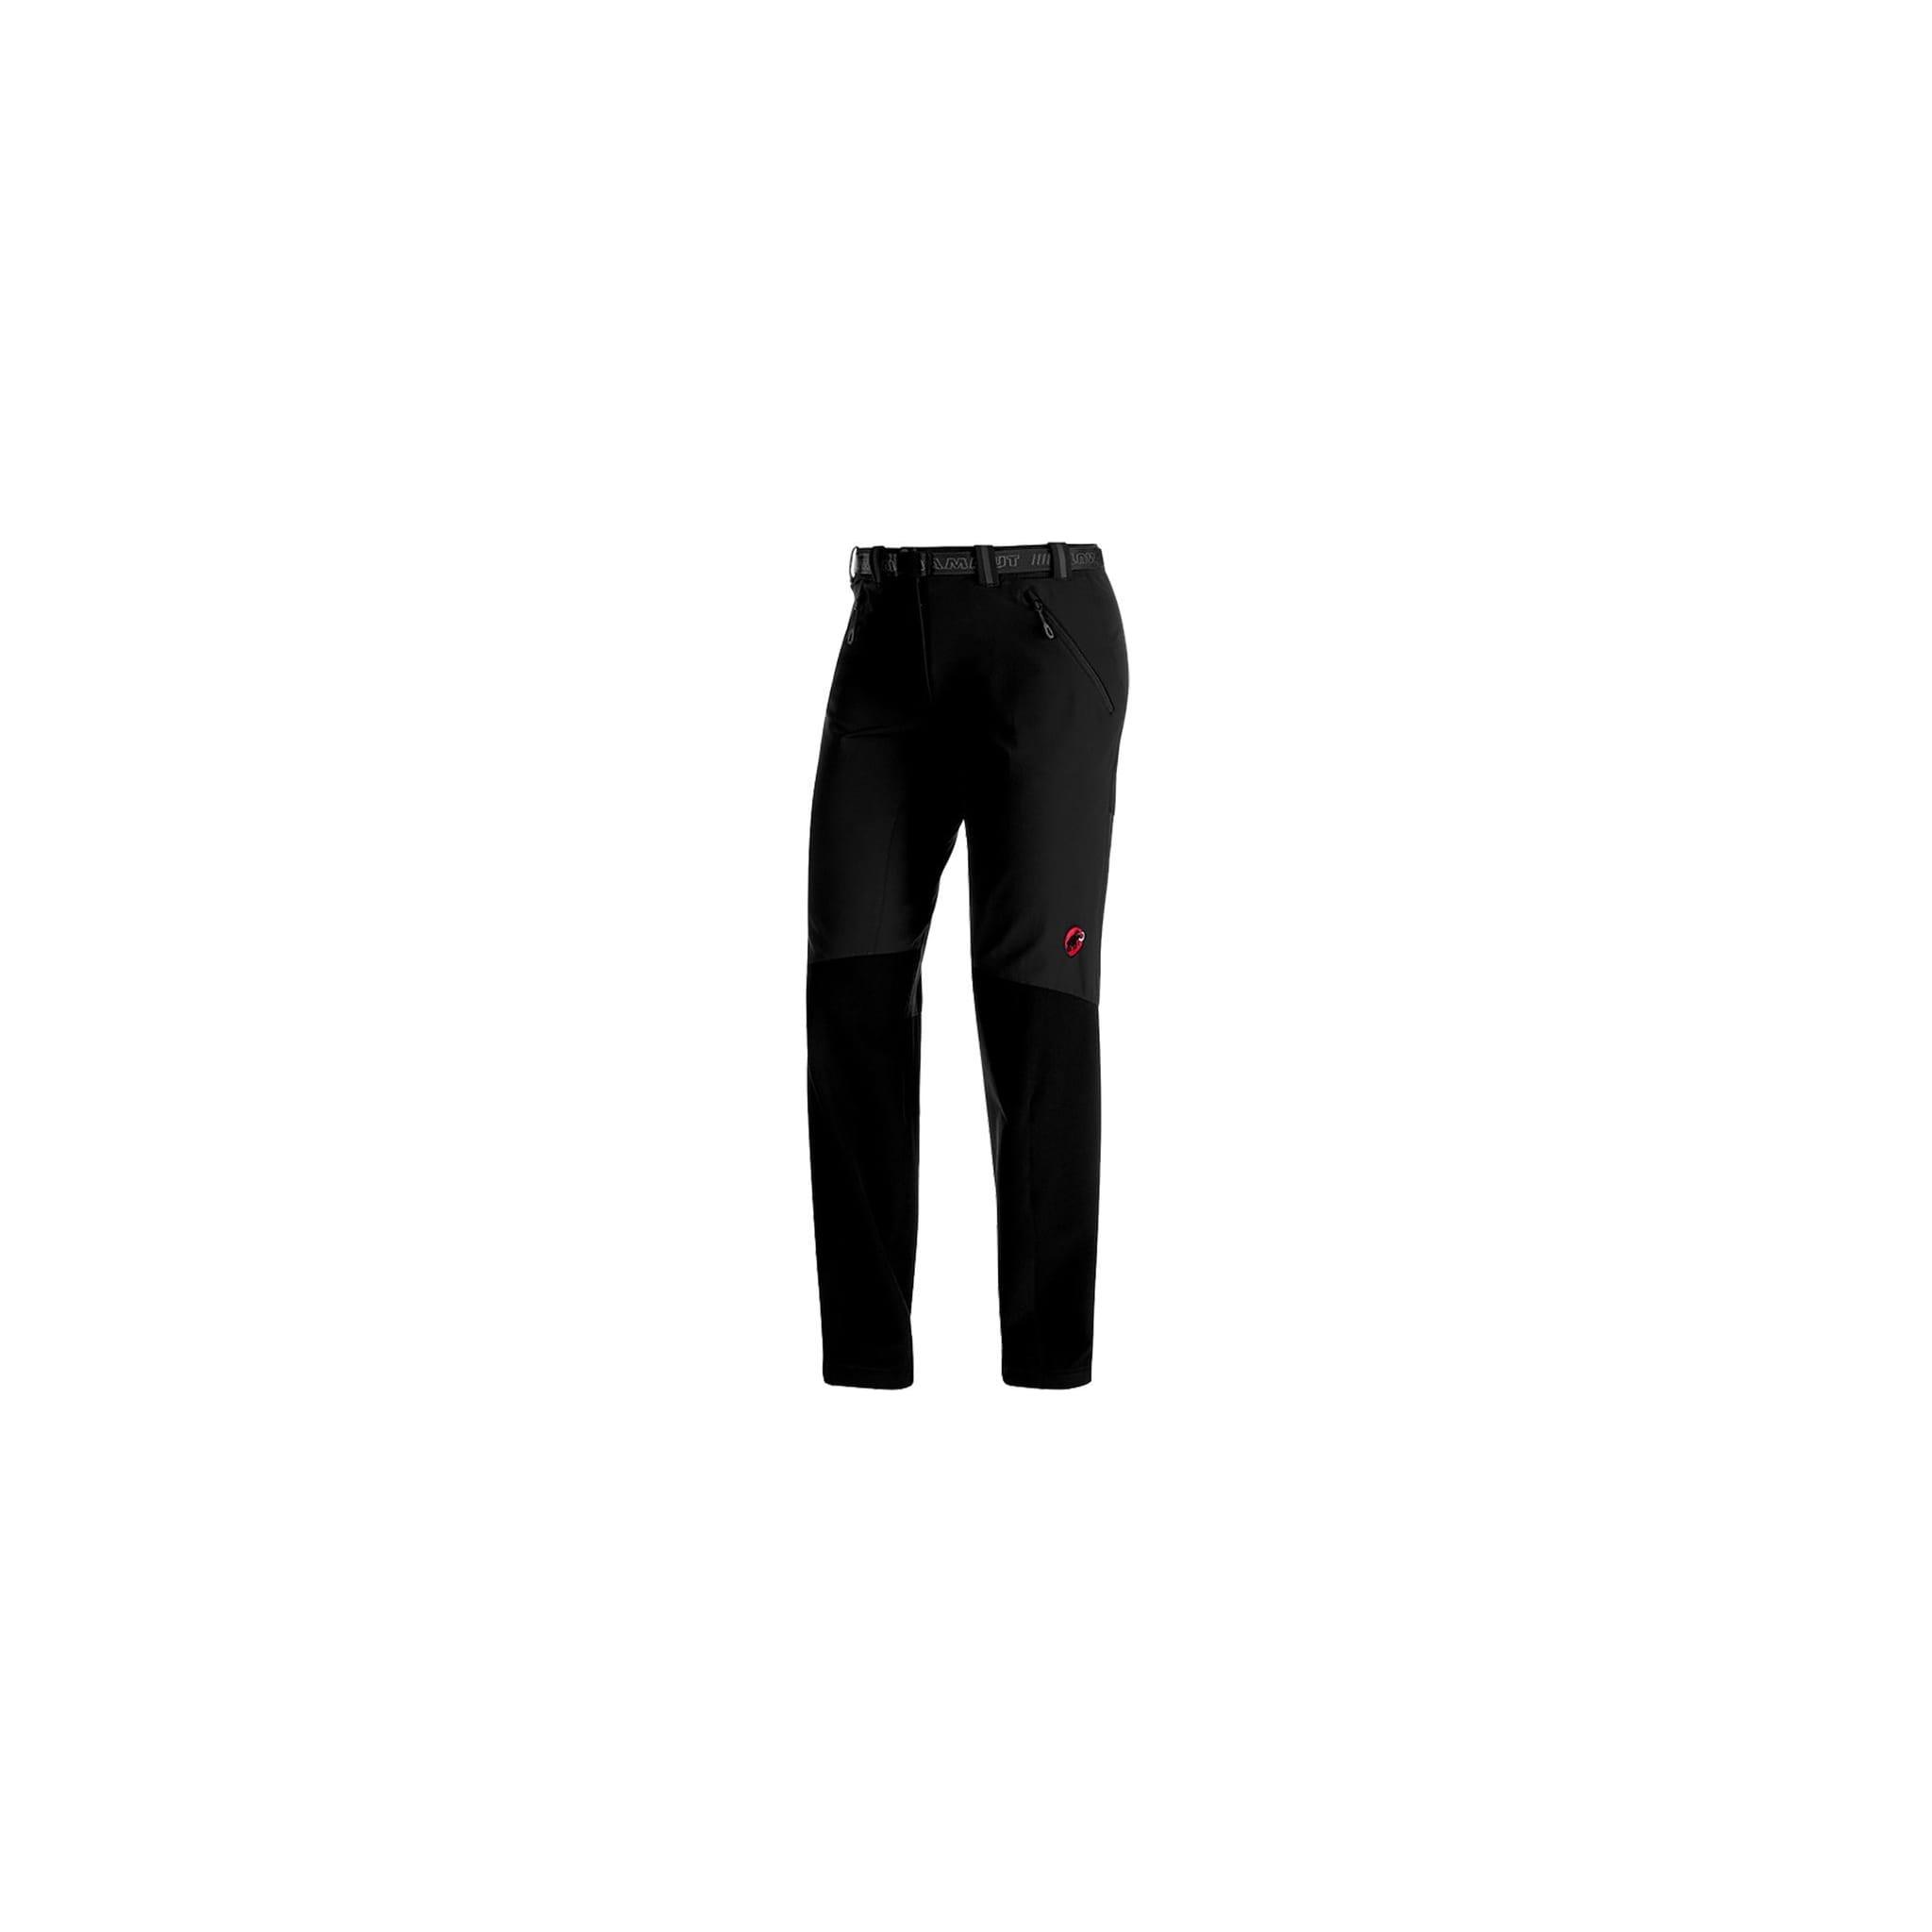 Courmayeur SO Pants Women